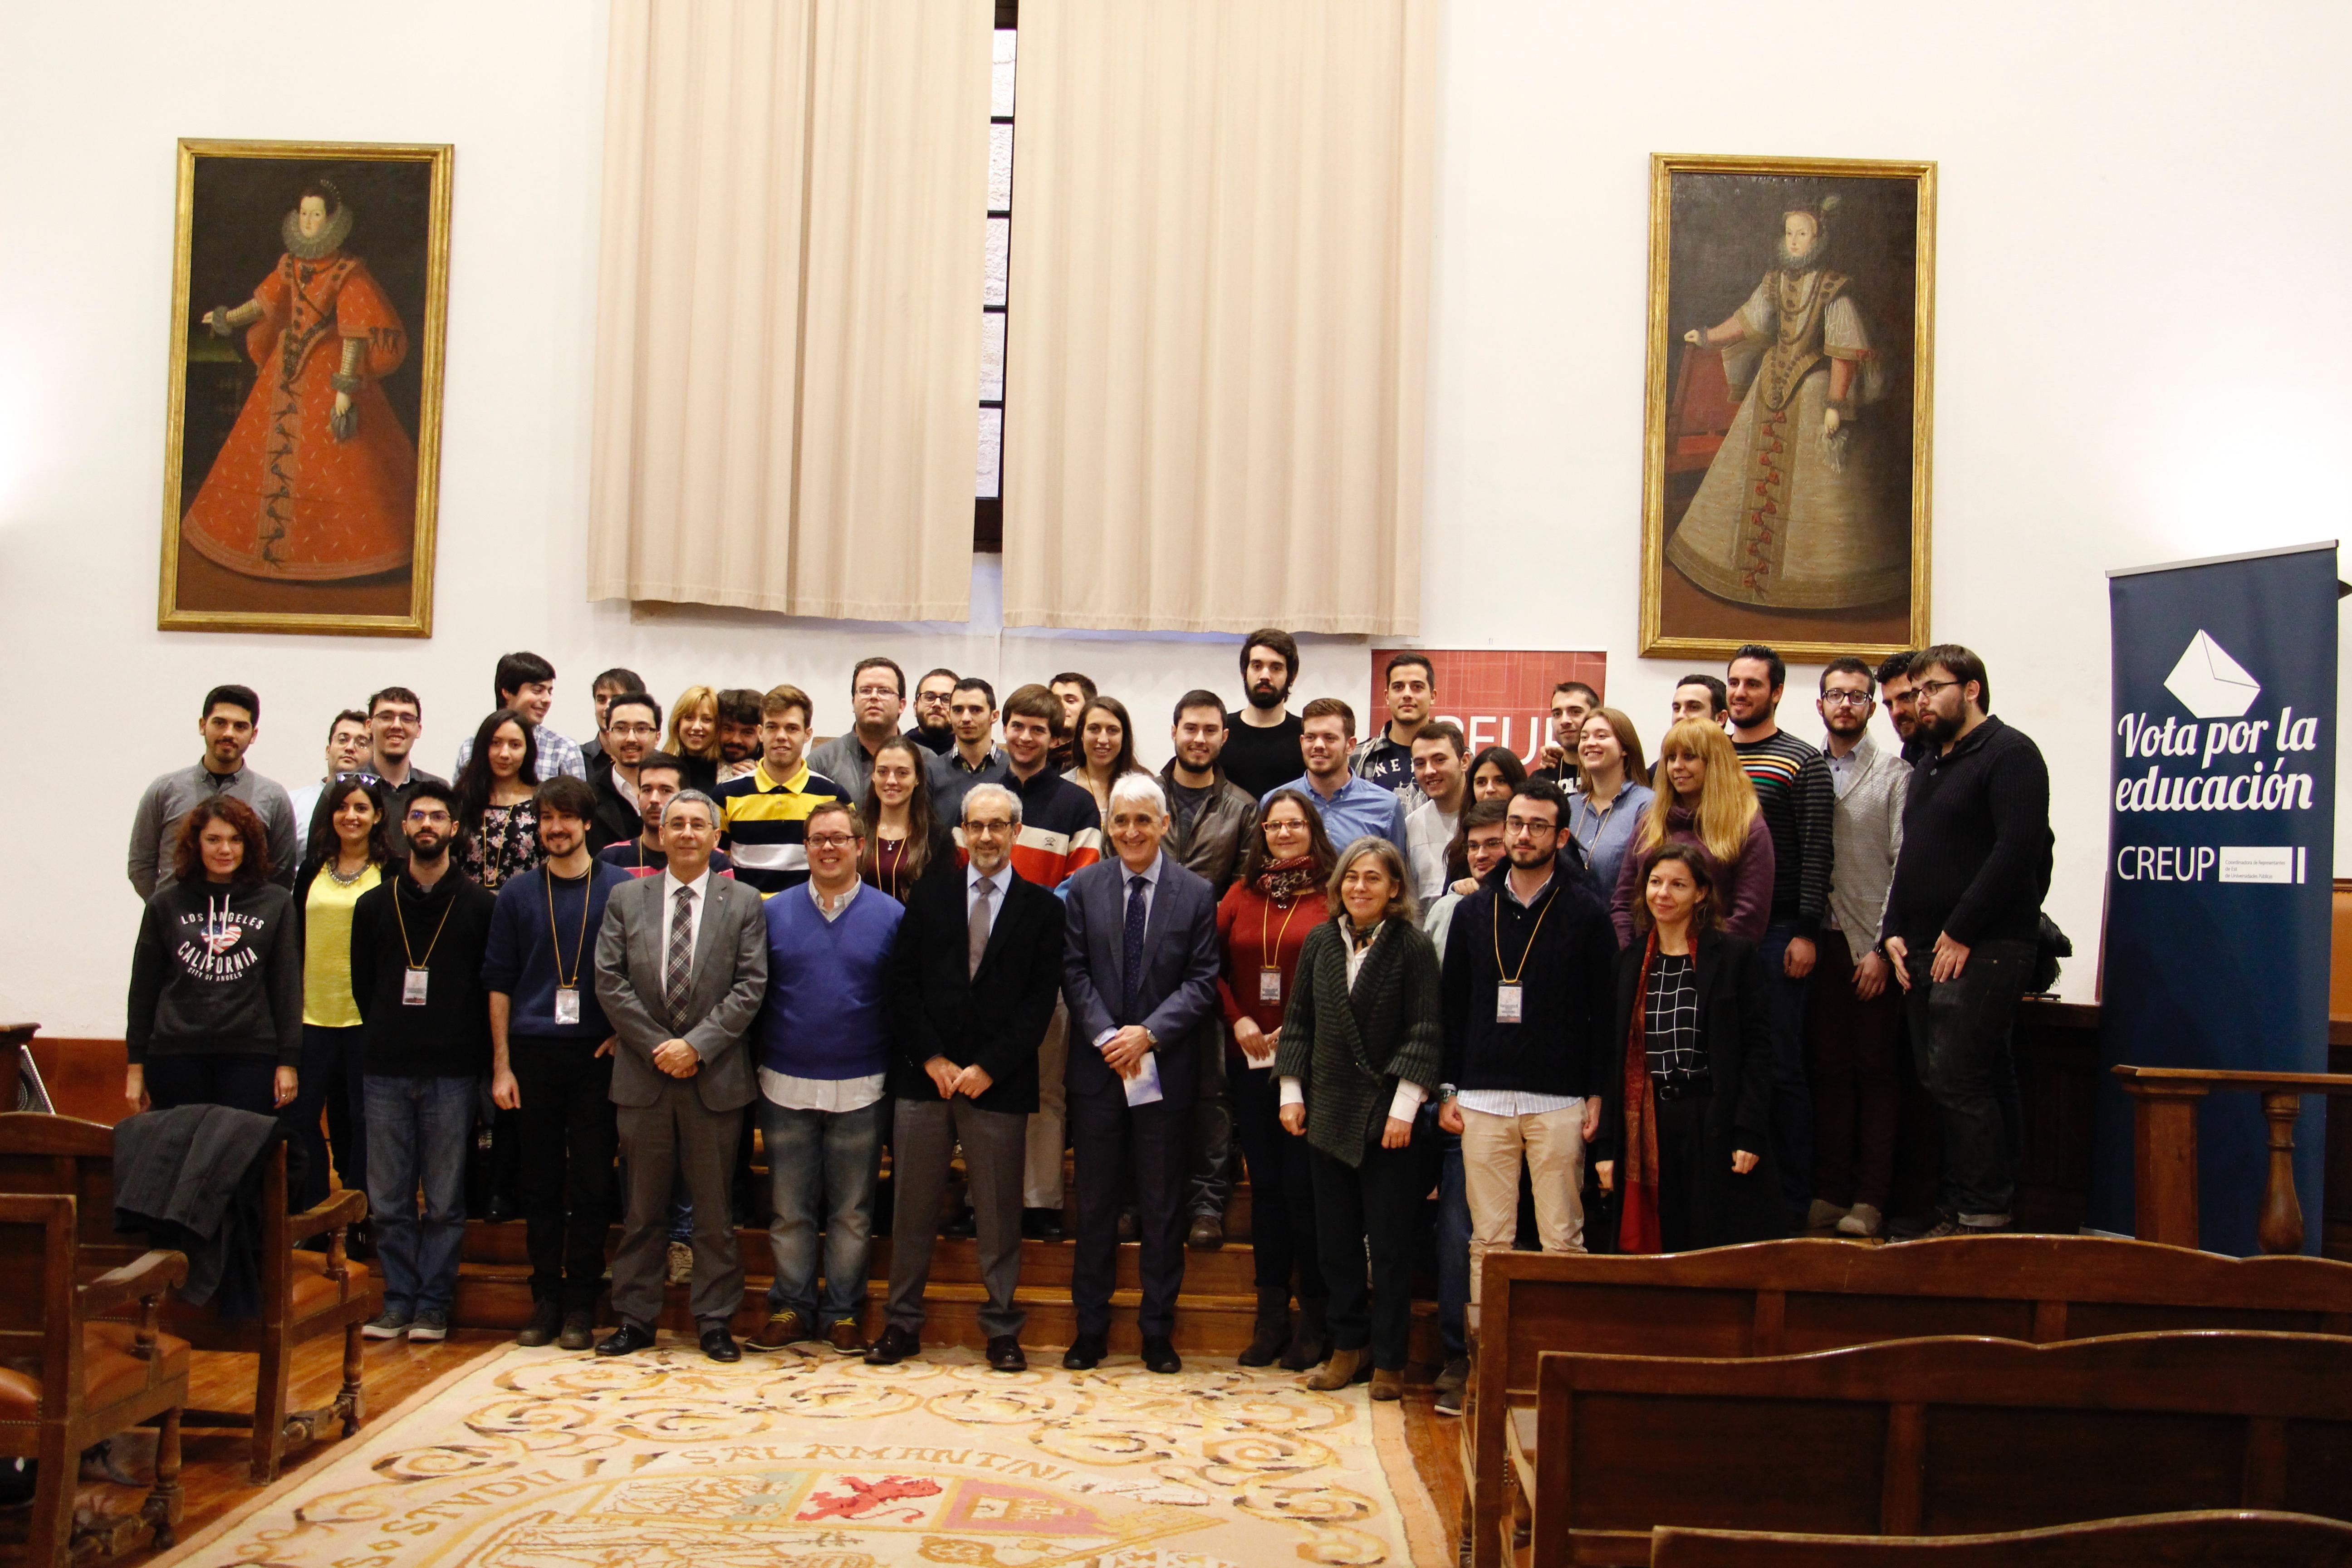 El rector, Daniel Hernández Ruipérez, asiste a la inauguración en la Usal de la asamblea general de la Coordinadora de Representantes de Estudiantes de Universidades Públicas (CREUP)